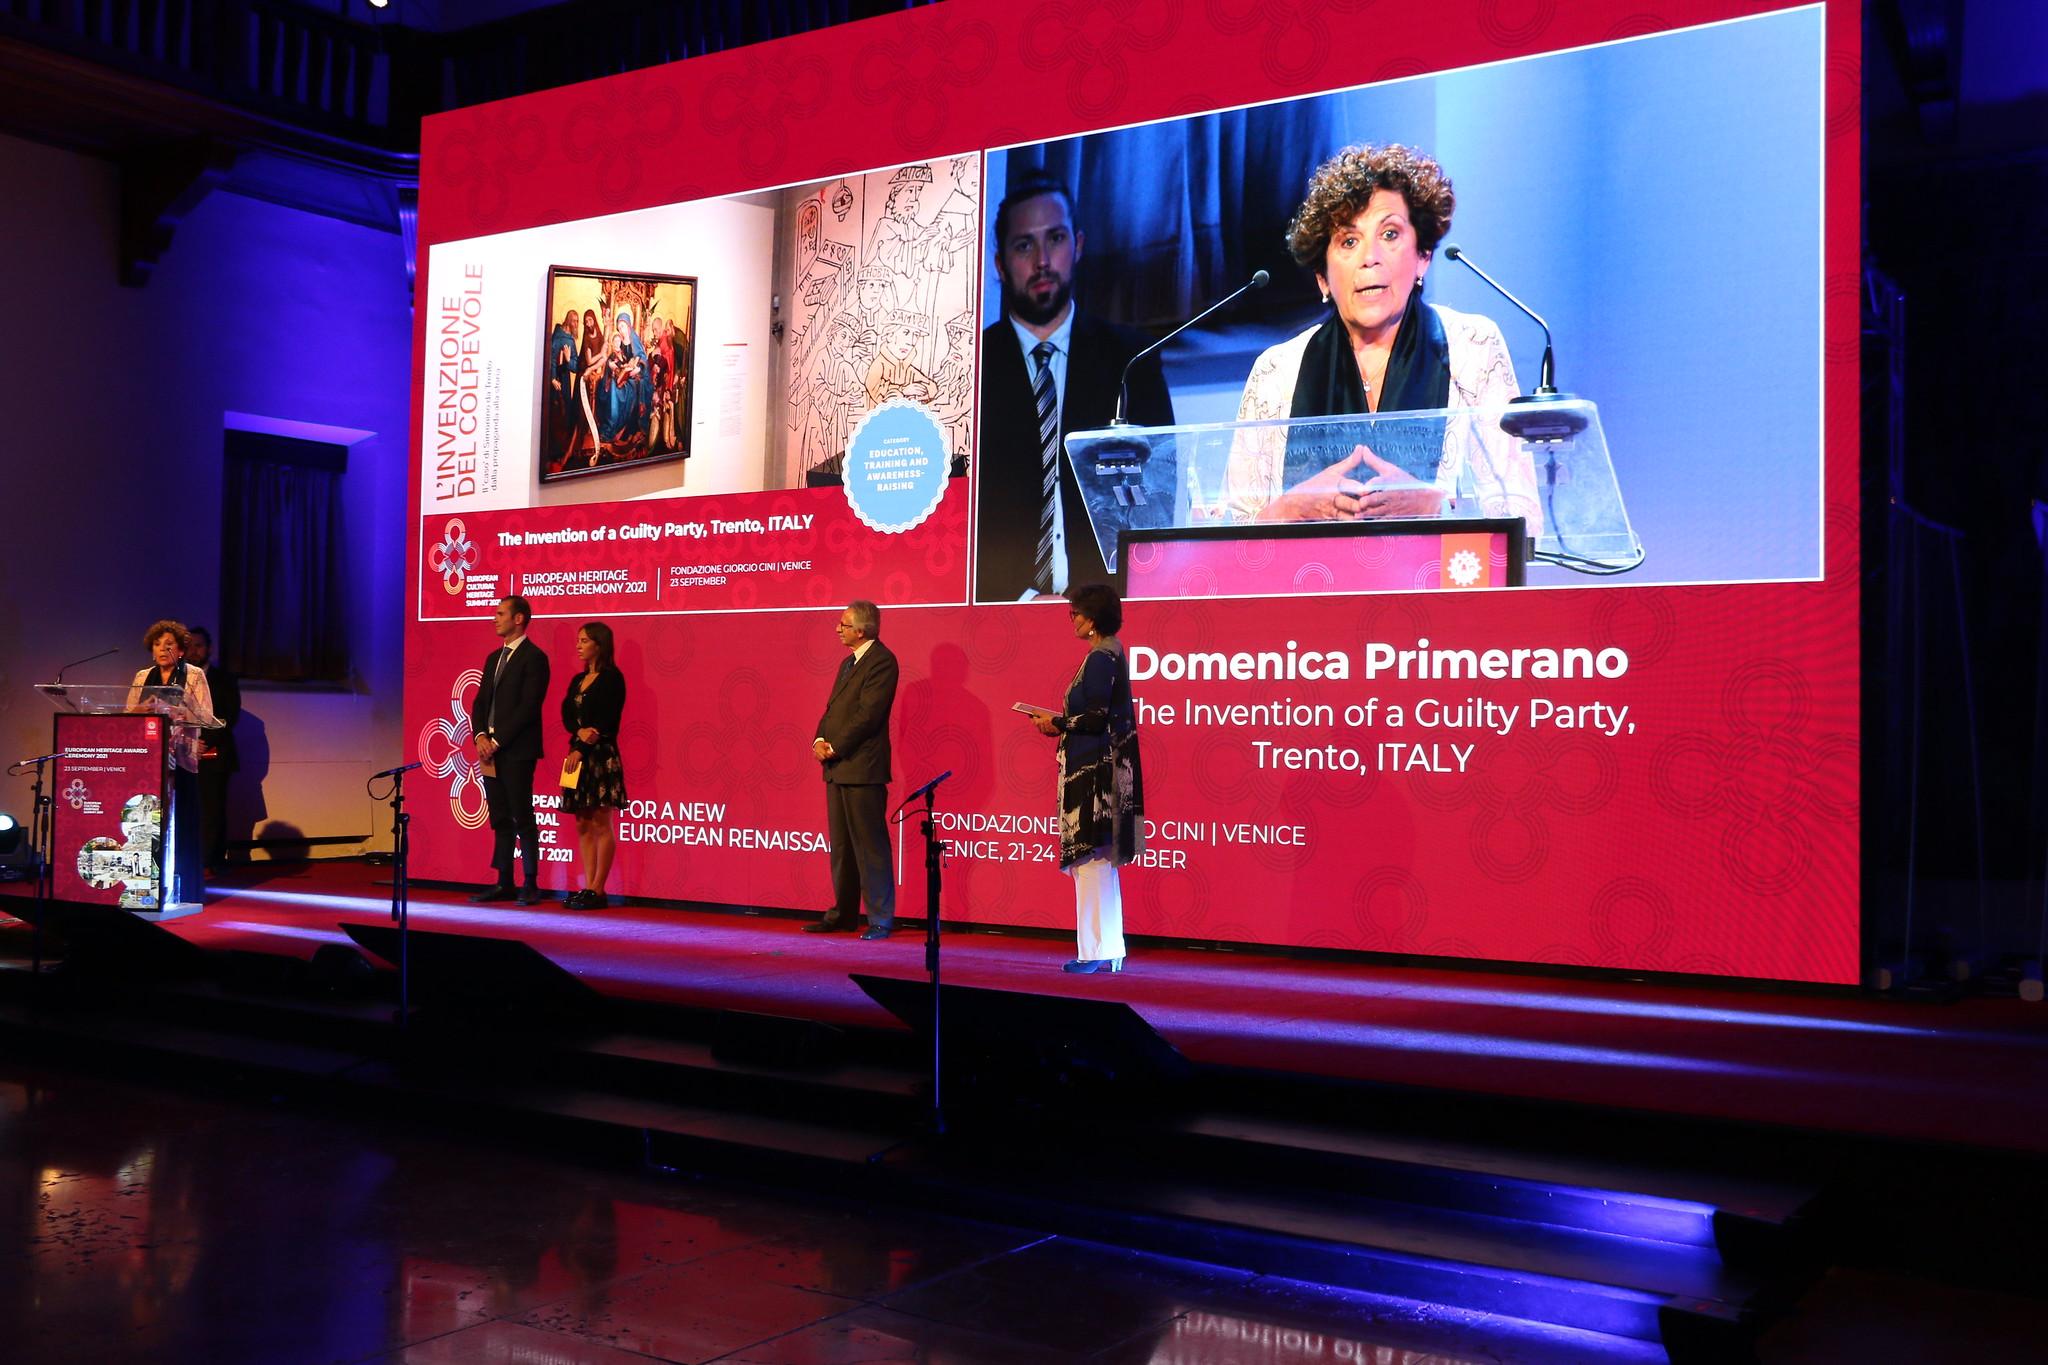 È italiana la miglior mostra dell'anno: la rassegna su Simonino da Trento vince gli Europa Nostra Award